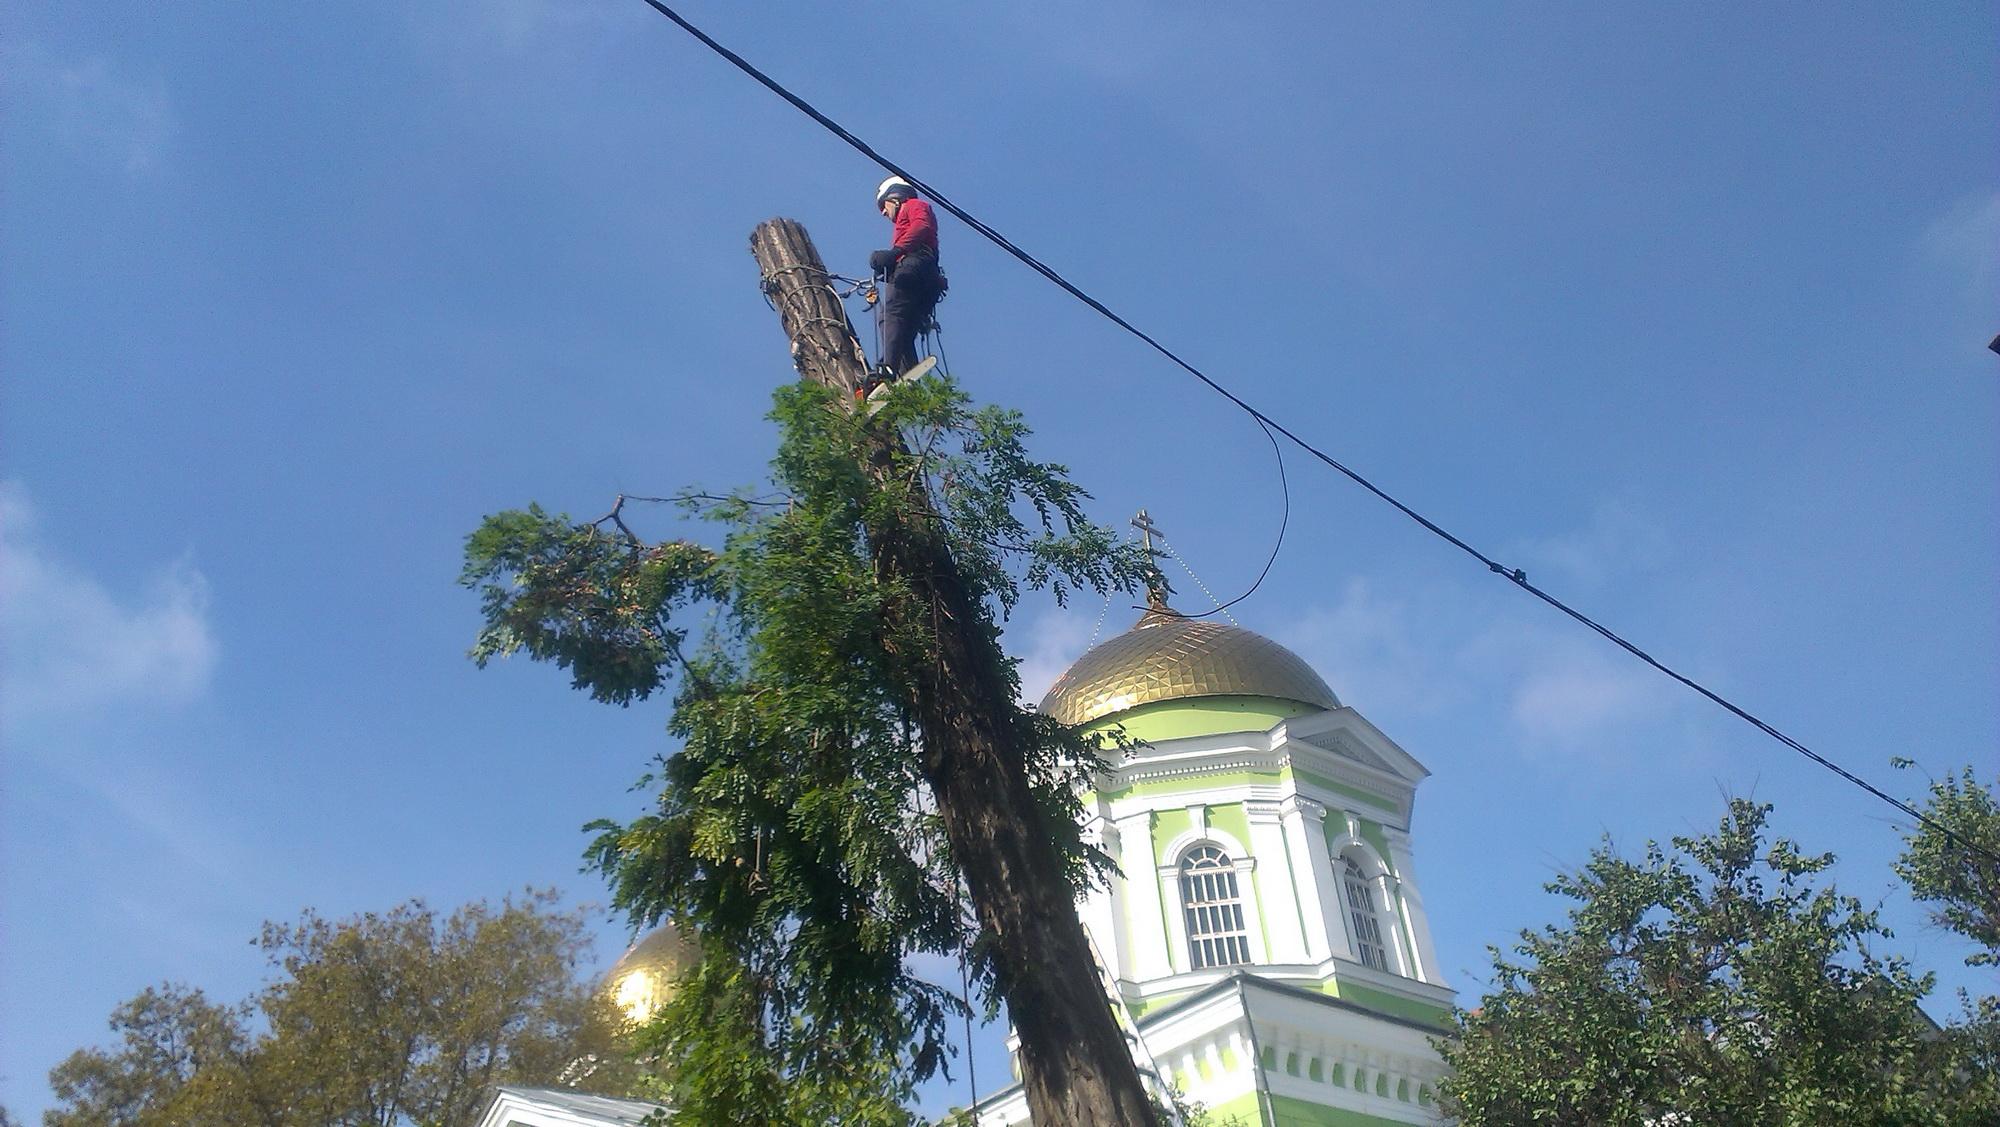 удаление деревьев цена на prom-alpinizm.com.ua